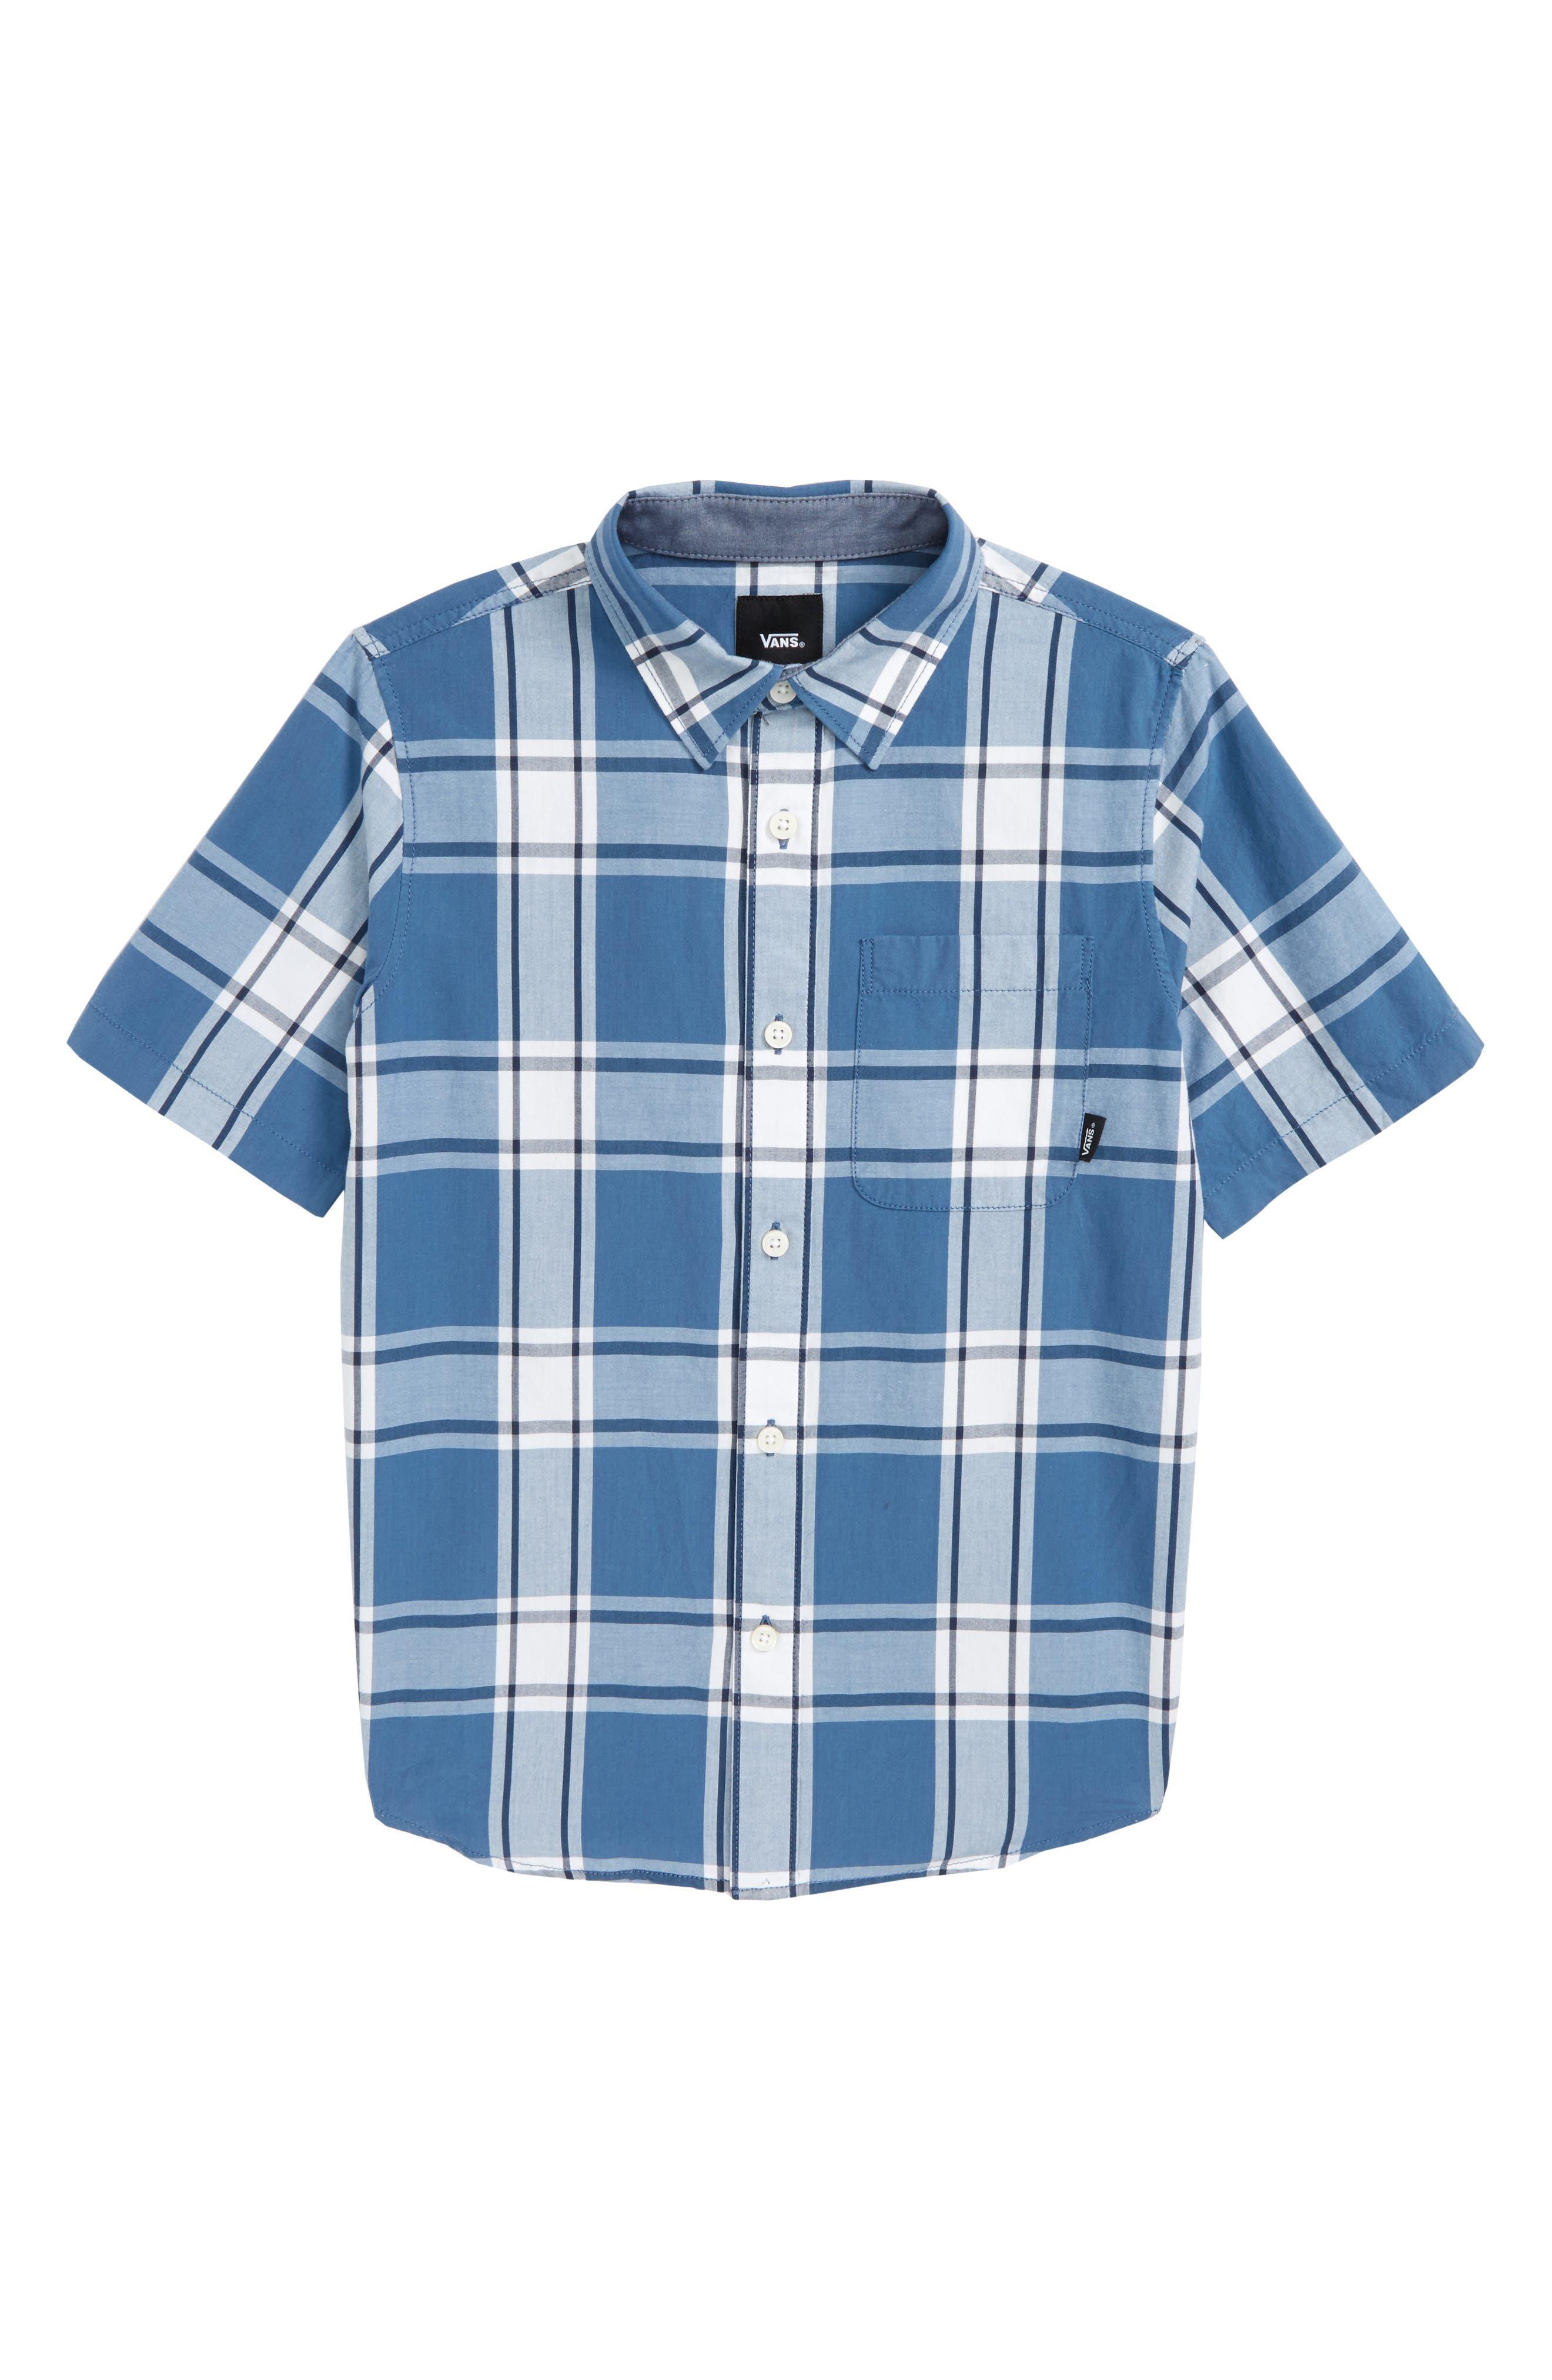 Mayfield Plaid Woven Shirt,                         Main,                         color, Copen Blue